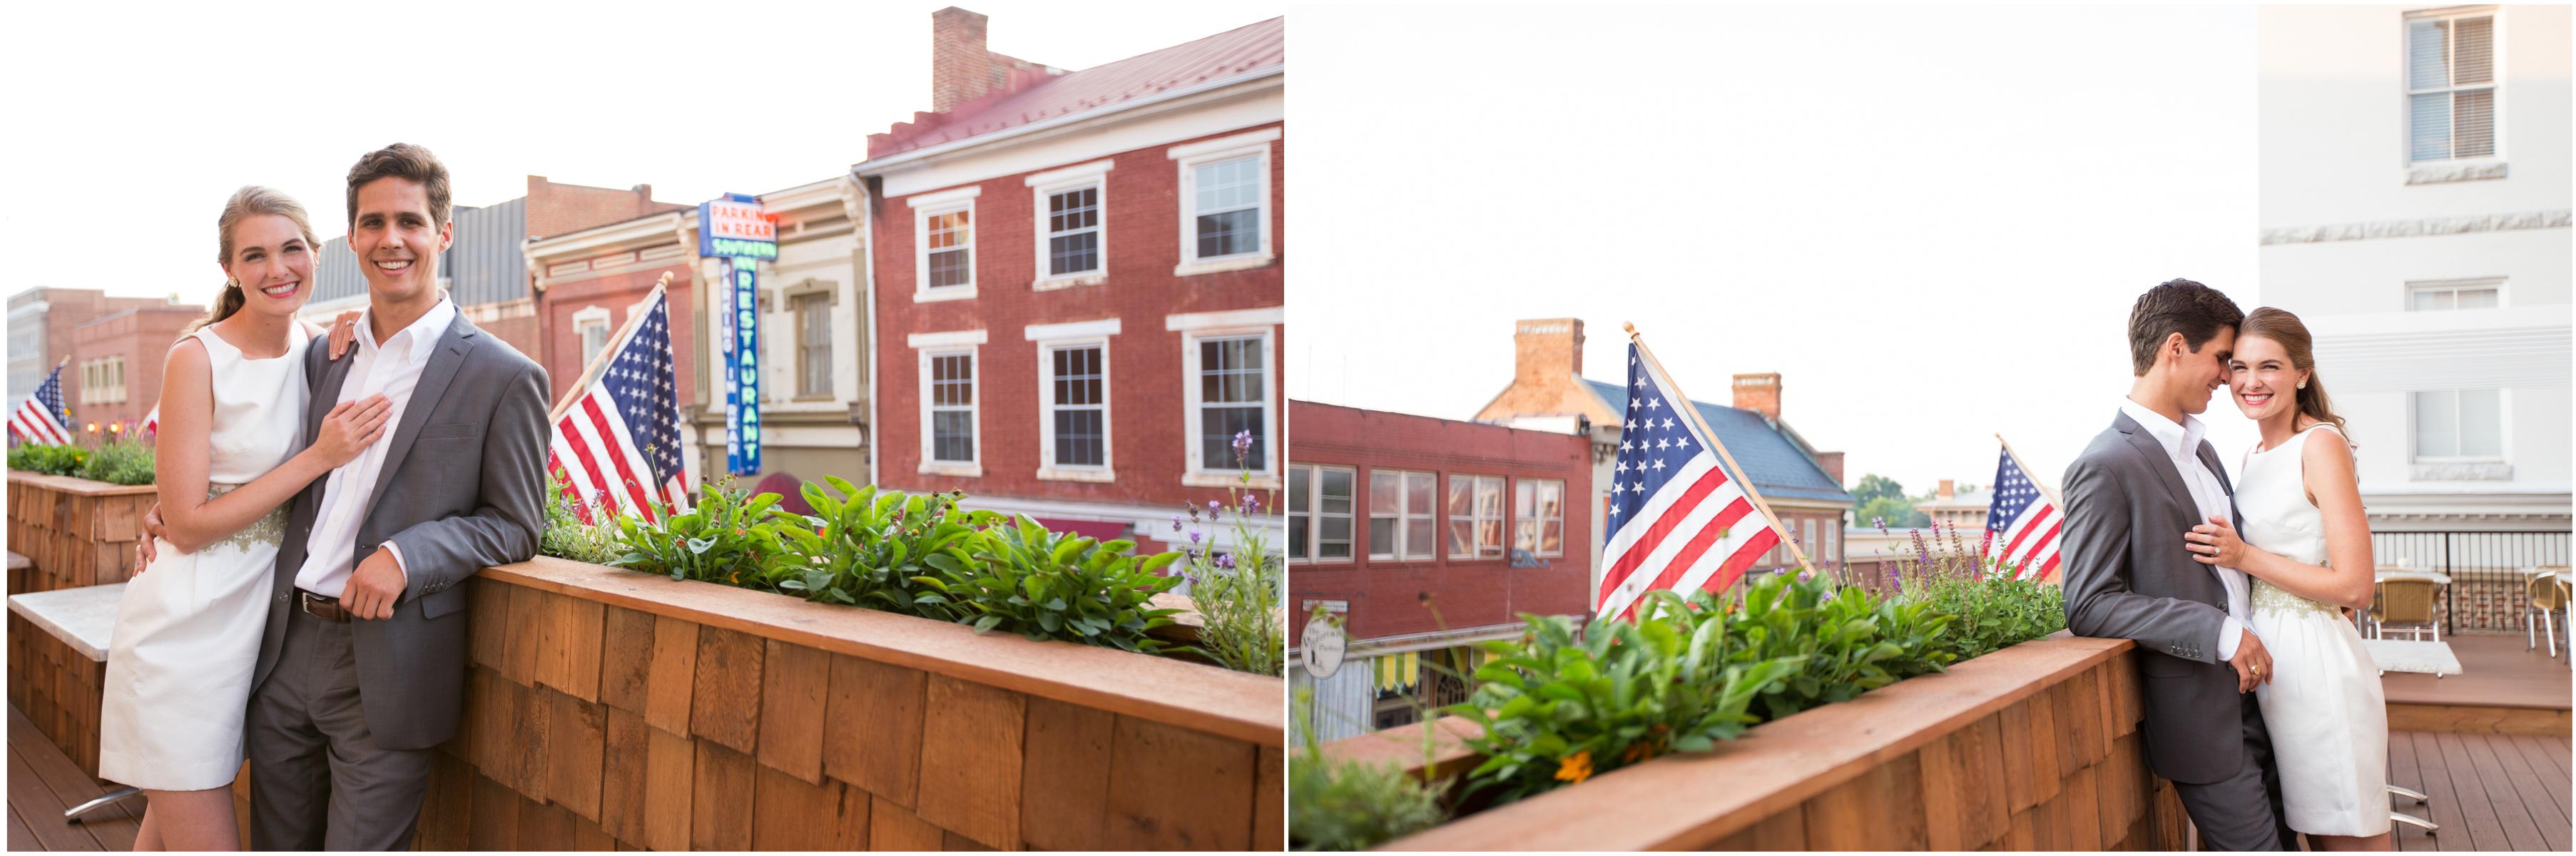 Robert E Lee Hotel Lexington VA